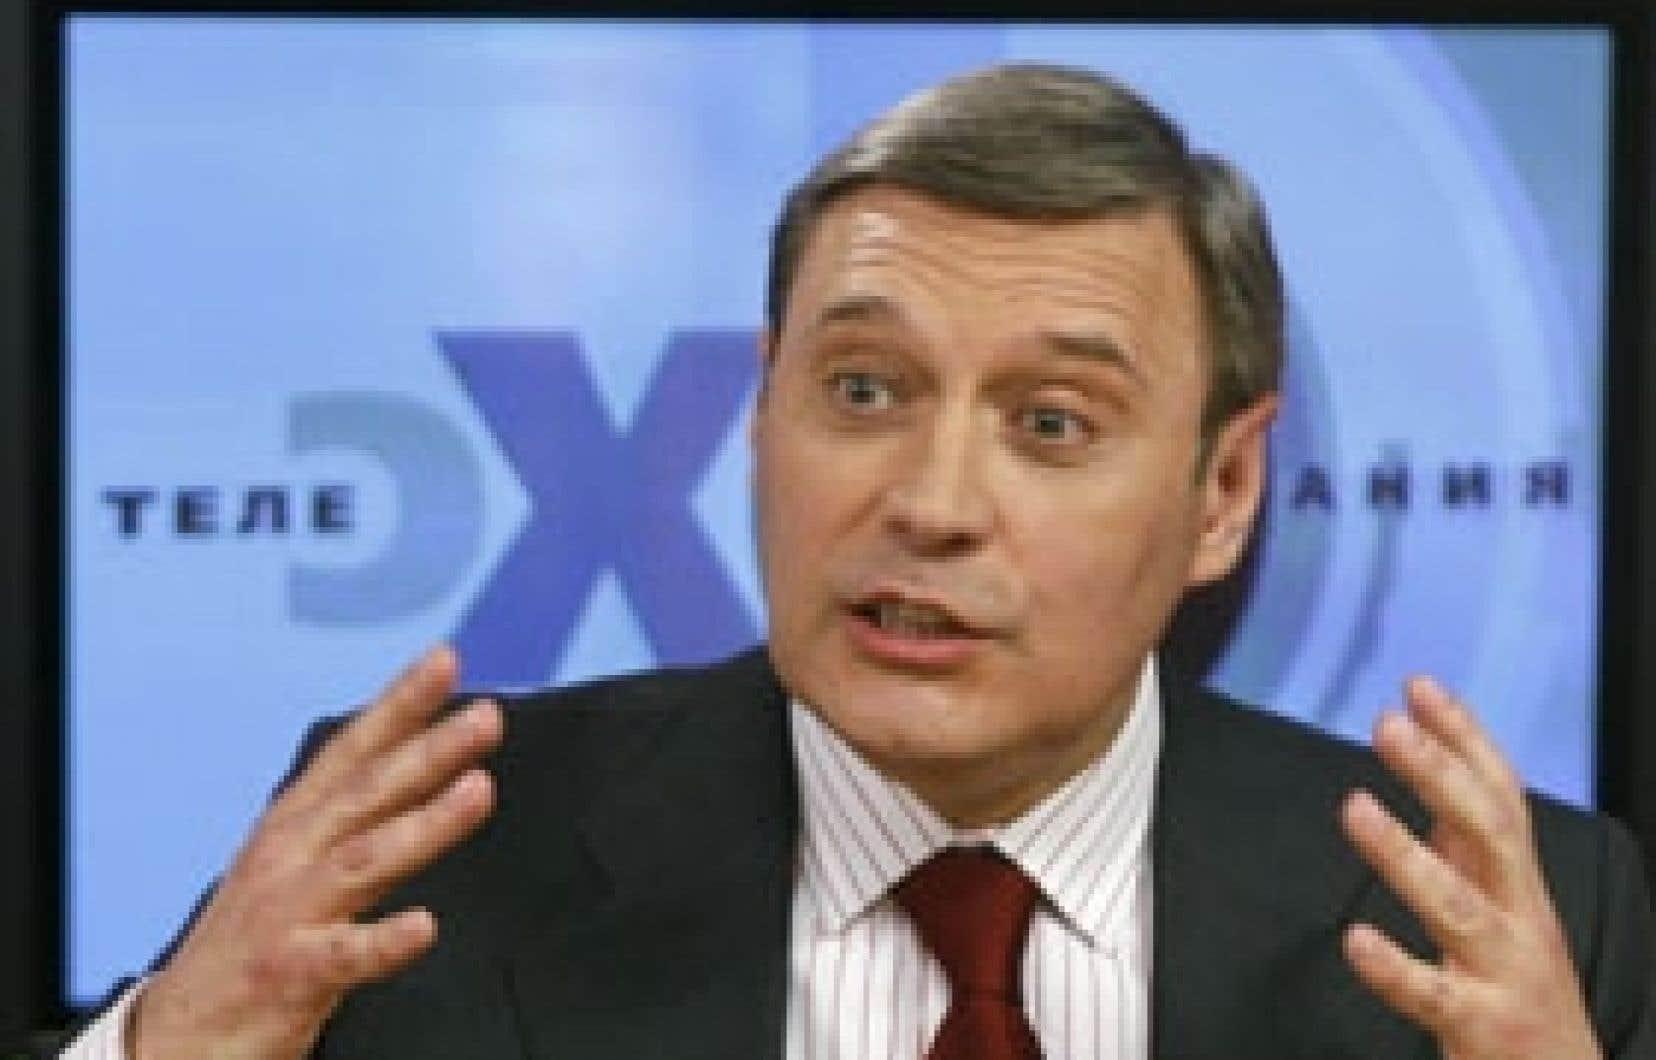 Le leader de l'opposition russe, Ekho Moskvy, lors d'une conférence de presse hier.